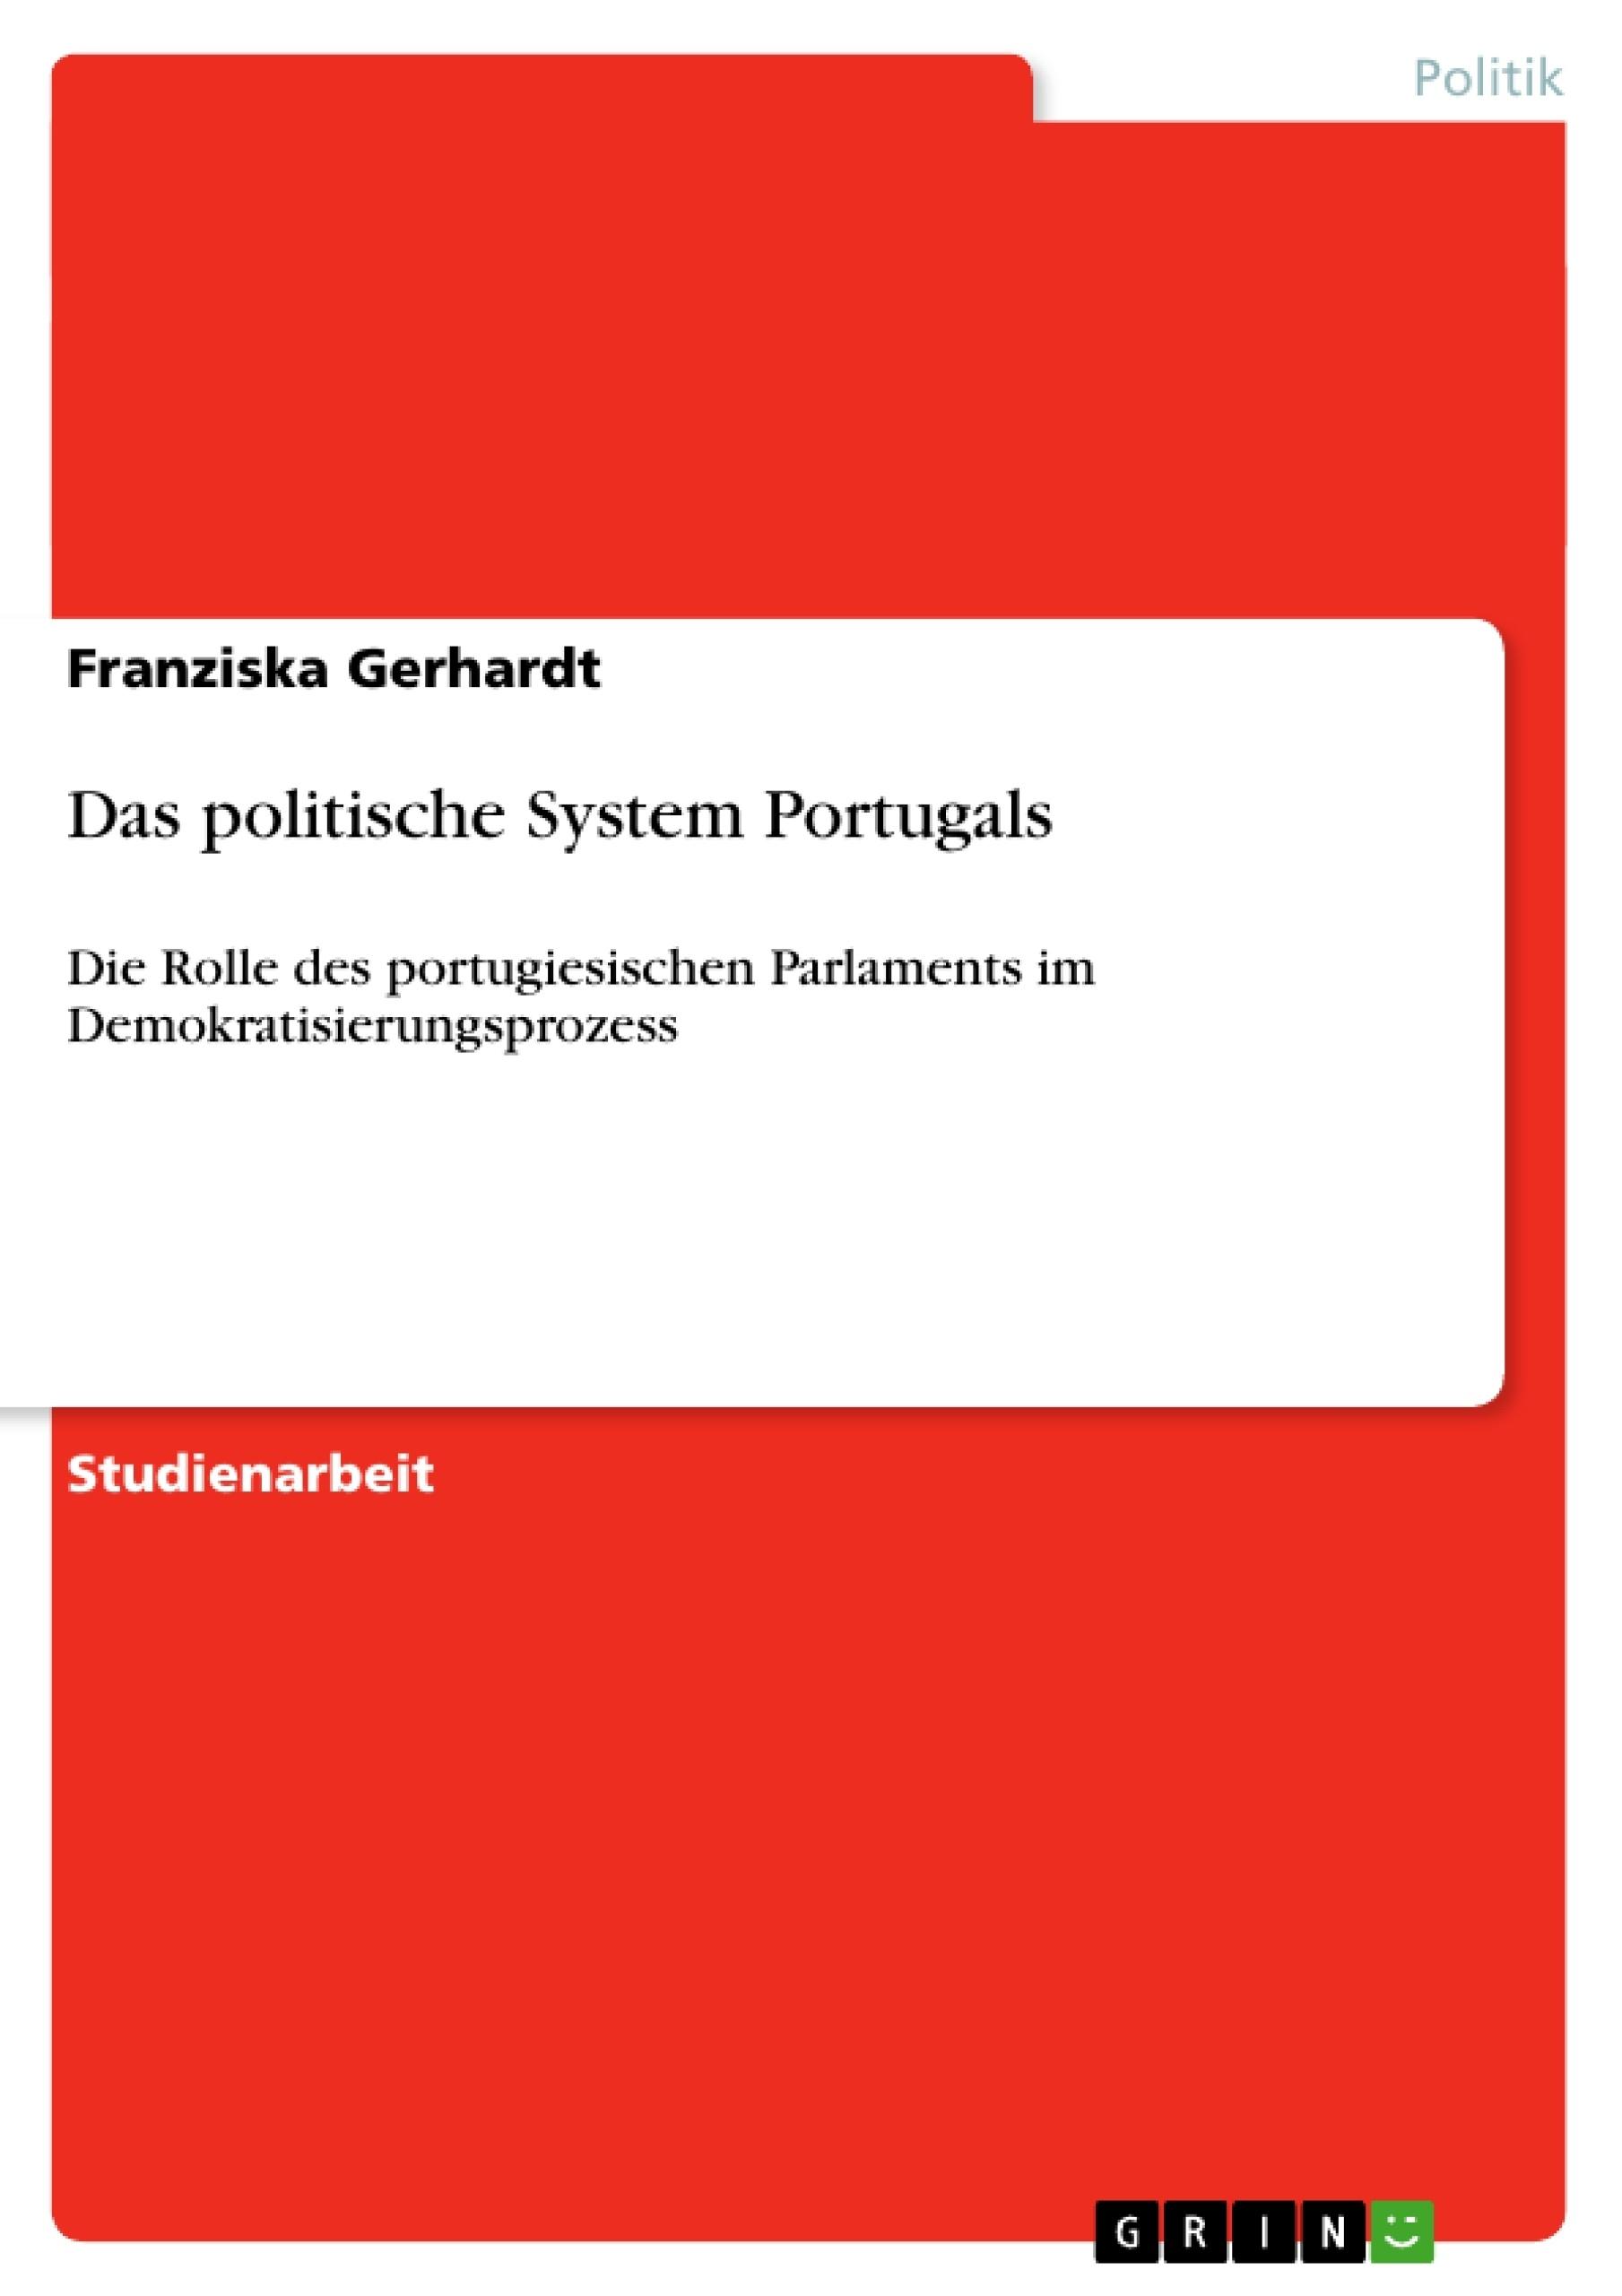 Titel: Das politische System Portugals